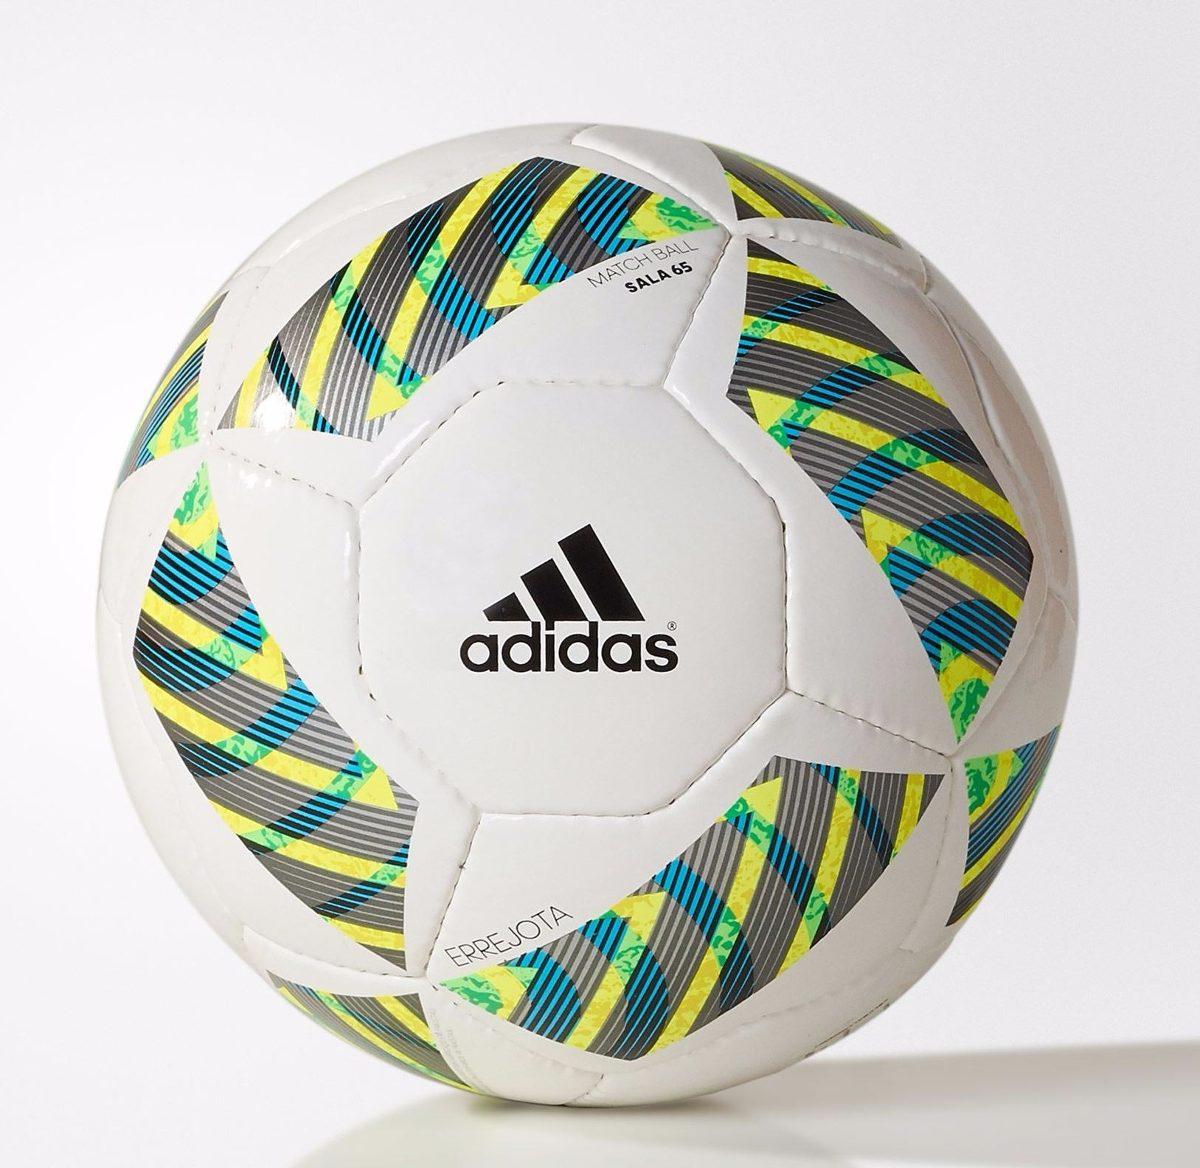 b1e618216 Pelota adidas Modelo Futsal Pro Fifa Sala 65 Errejota - $ 989,00 en ...